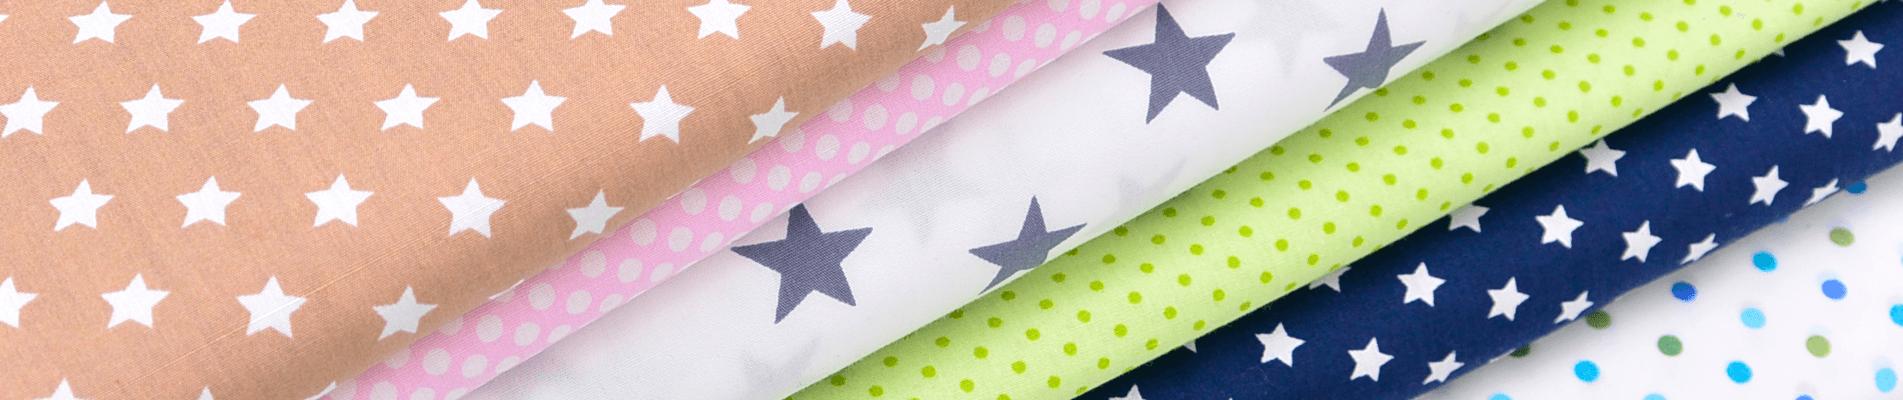 Baumwolle Stoff Sterne Punkte